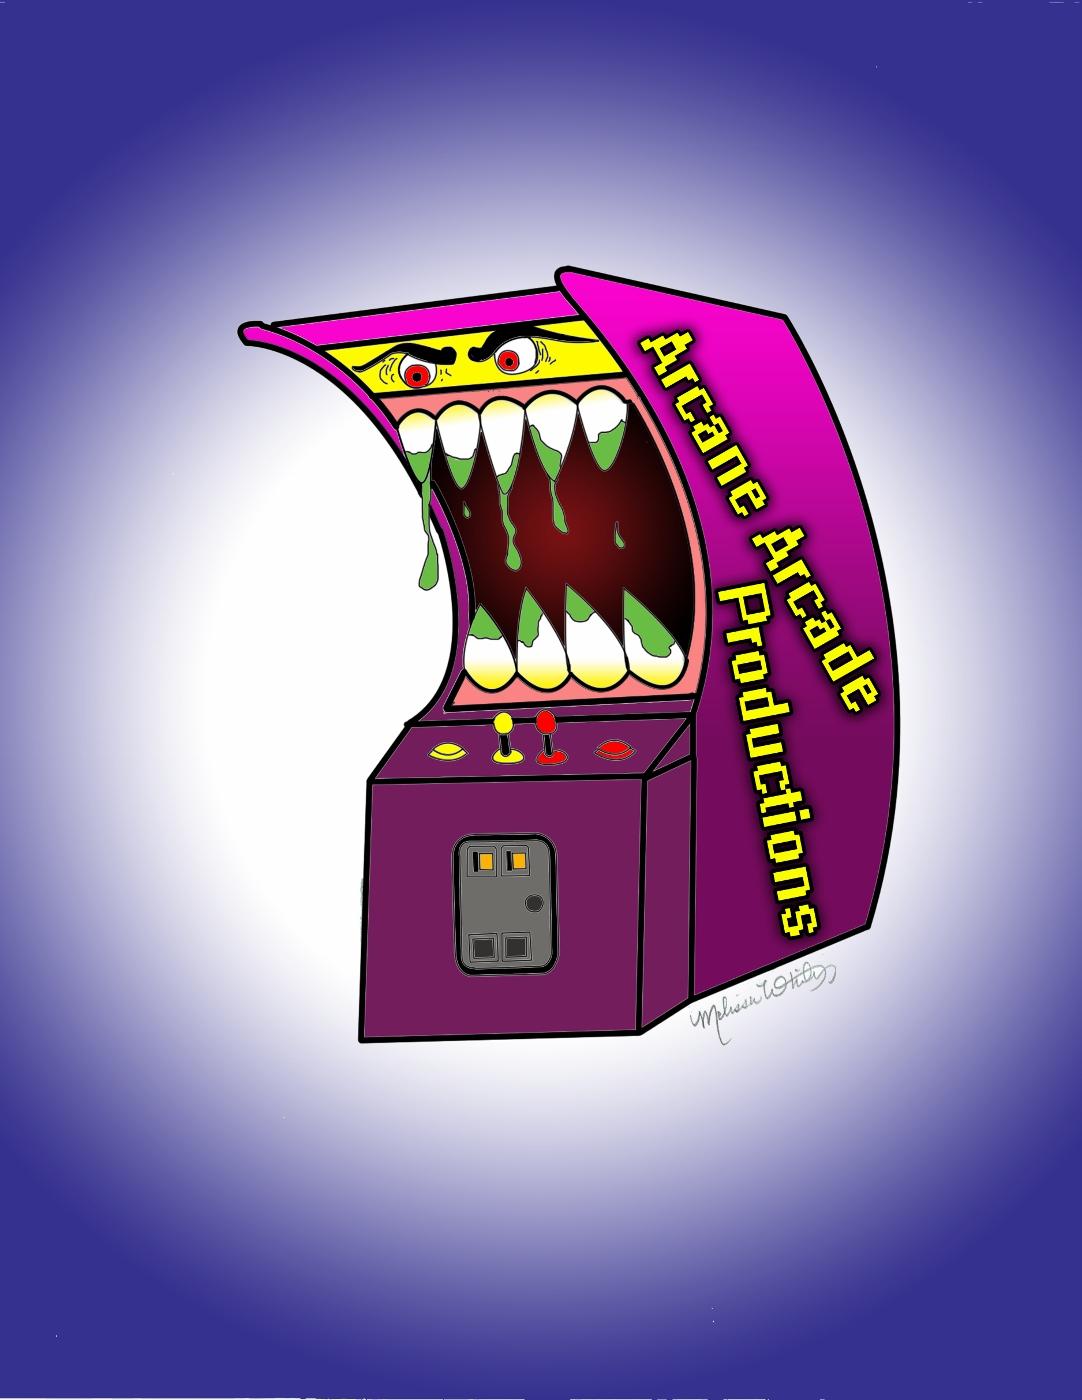 The Arcane Arcade Show logo